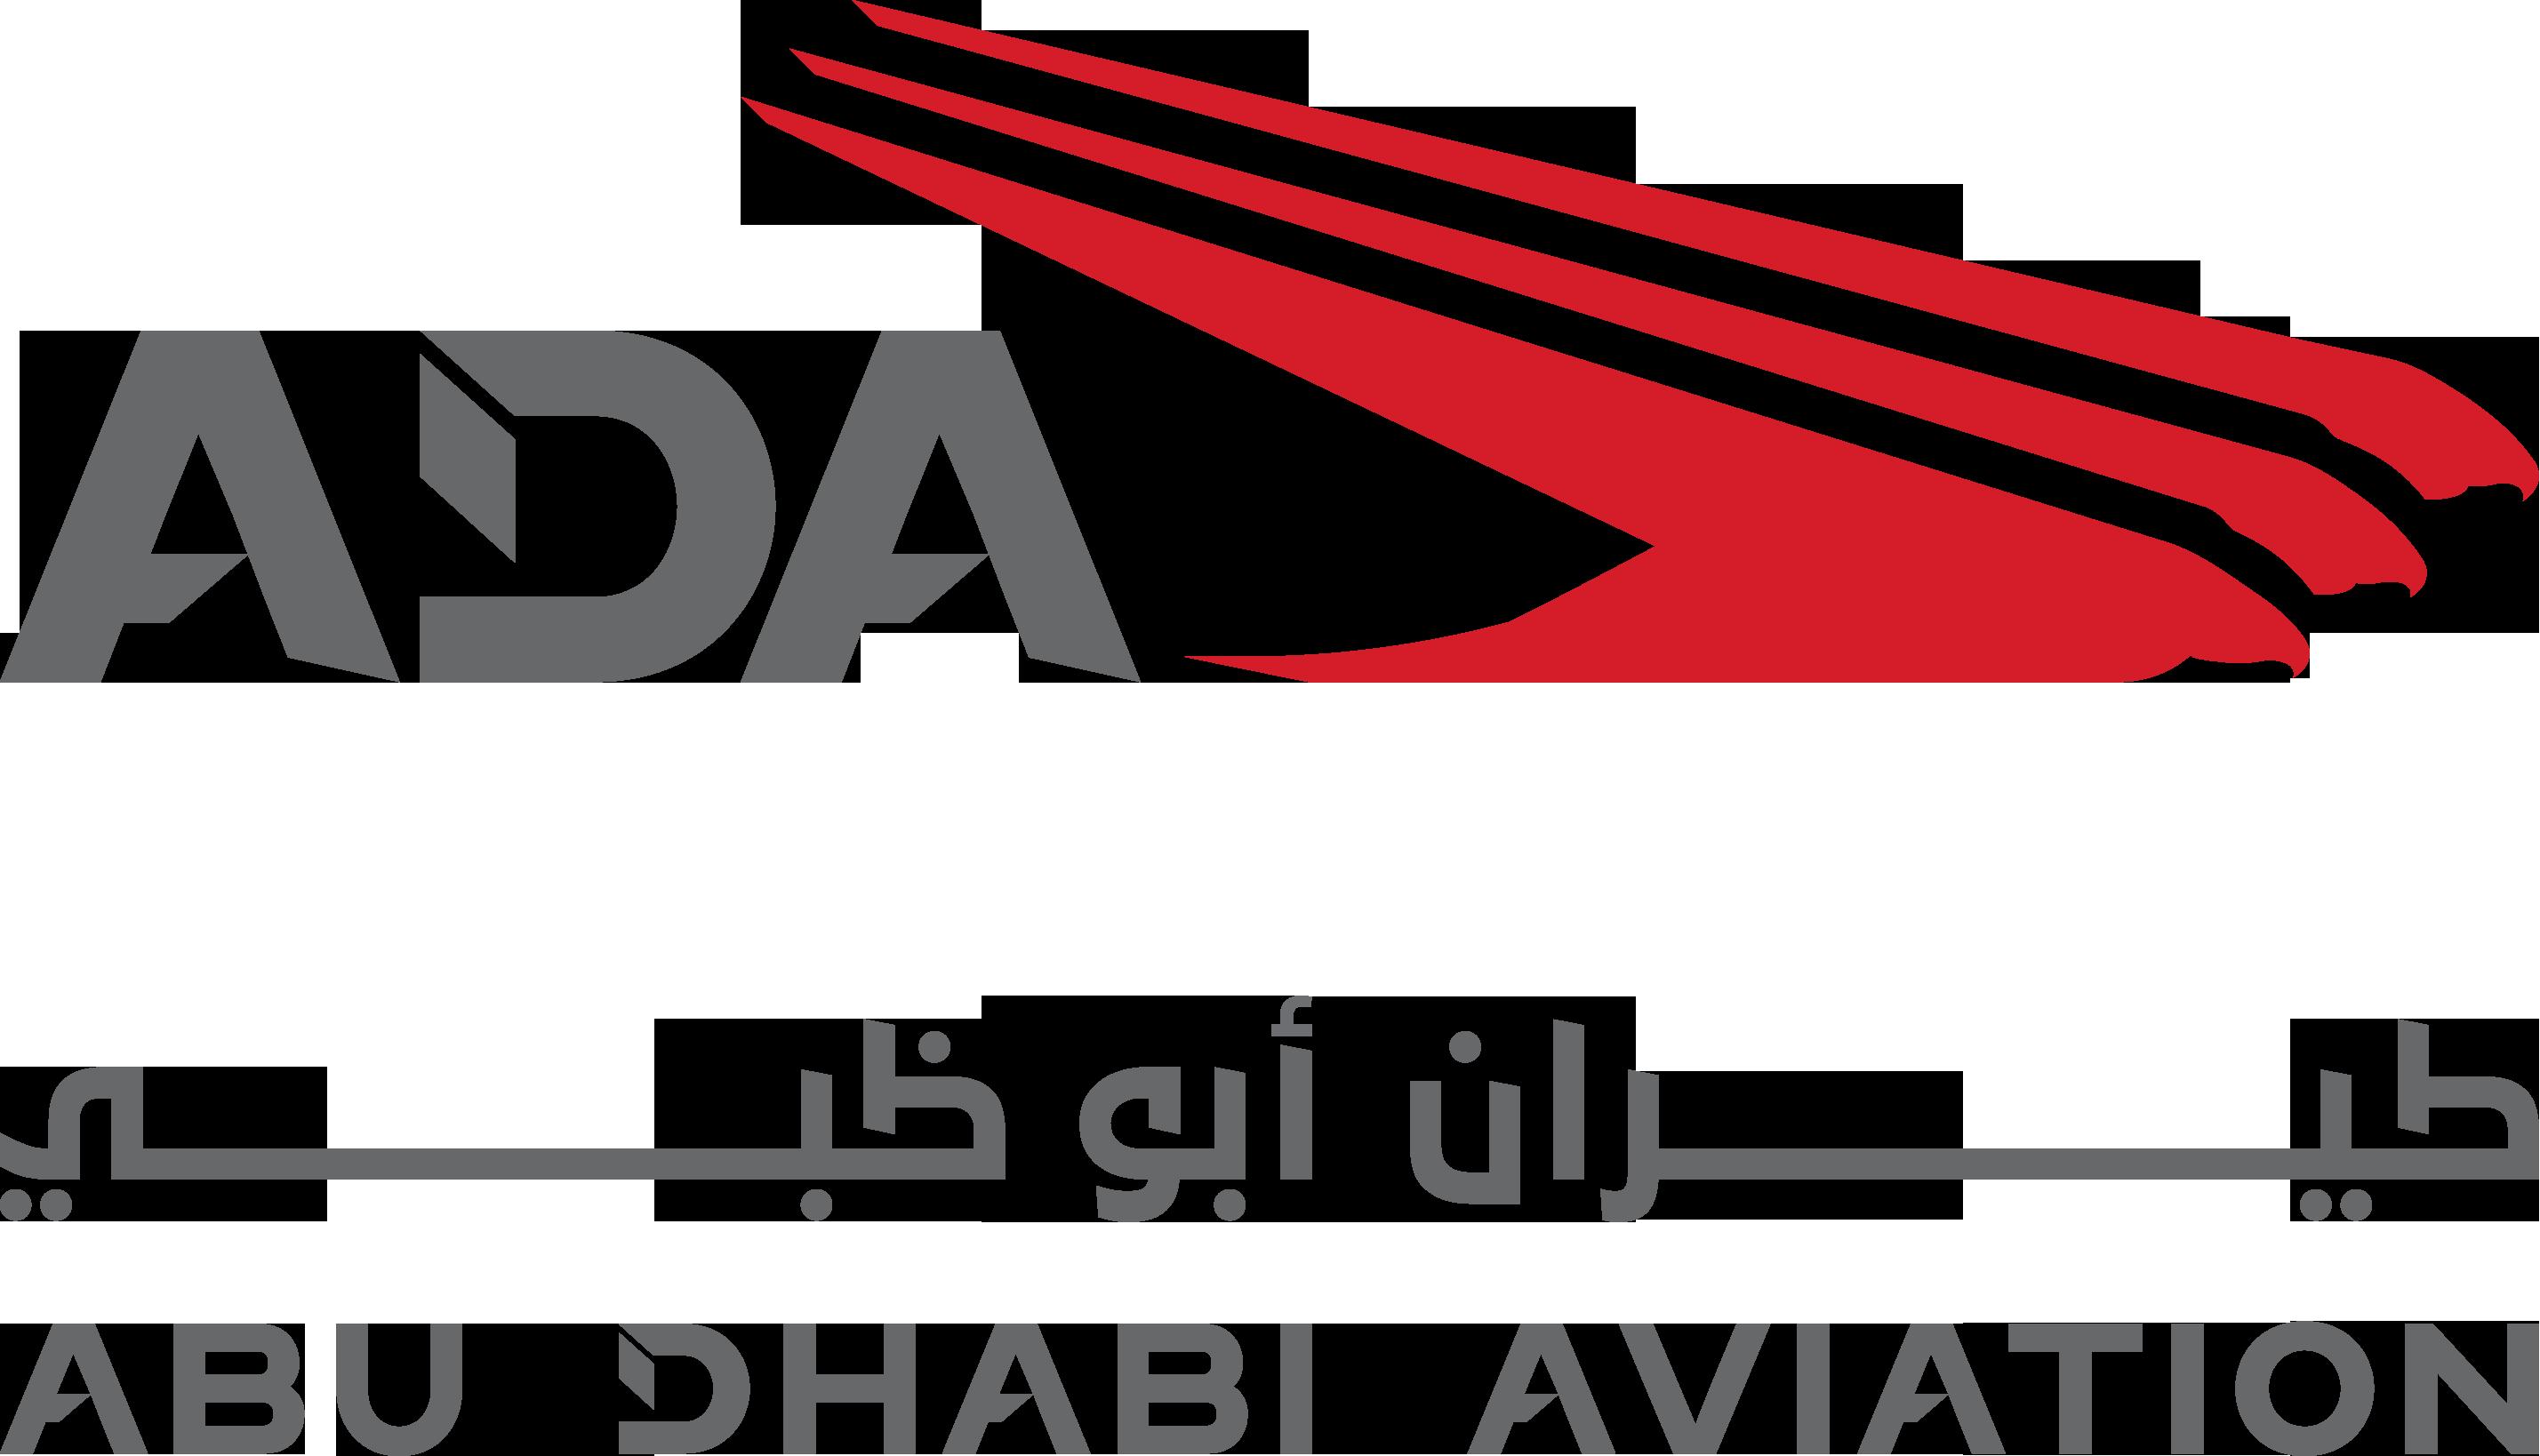 abu dhabi aviation logo